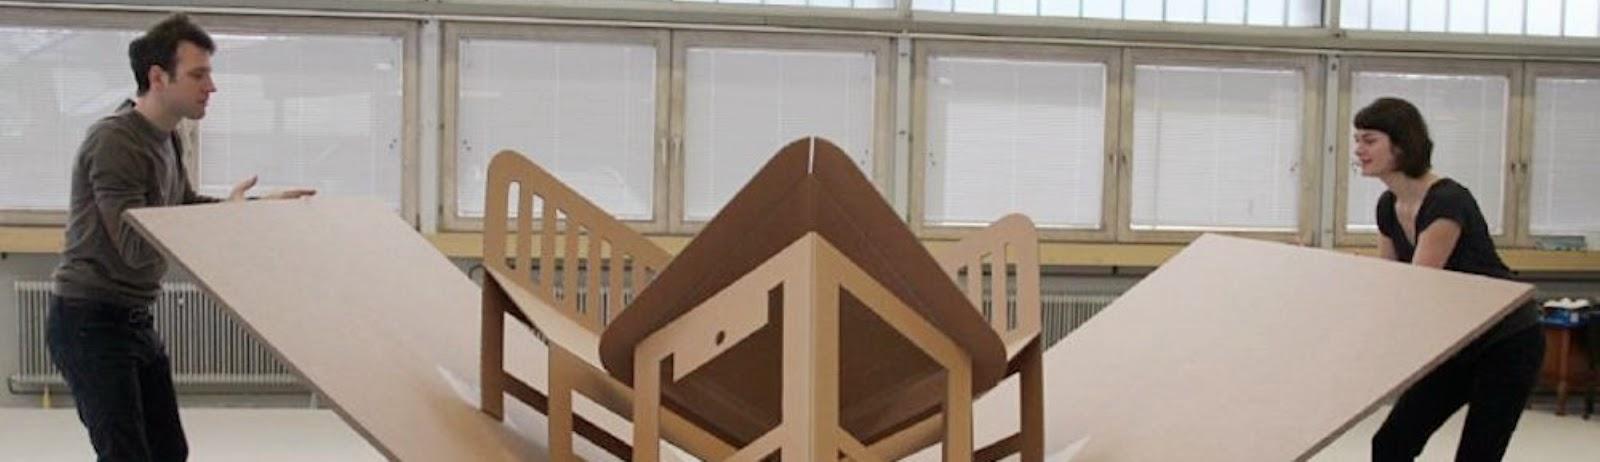 inovasi-desain-pop up-furniture-praktis-bahan-dasar-karton-ruang dan rumahku-003